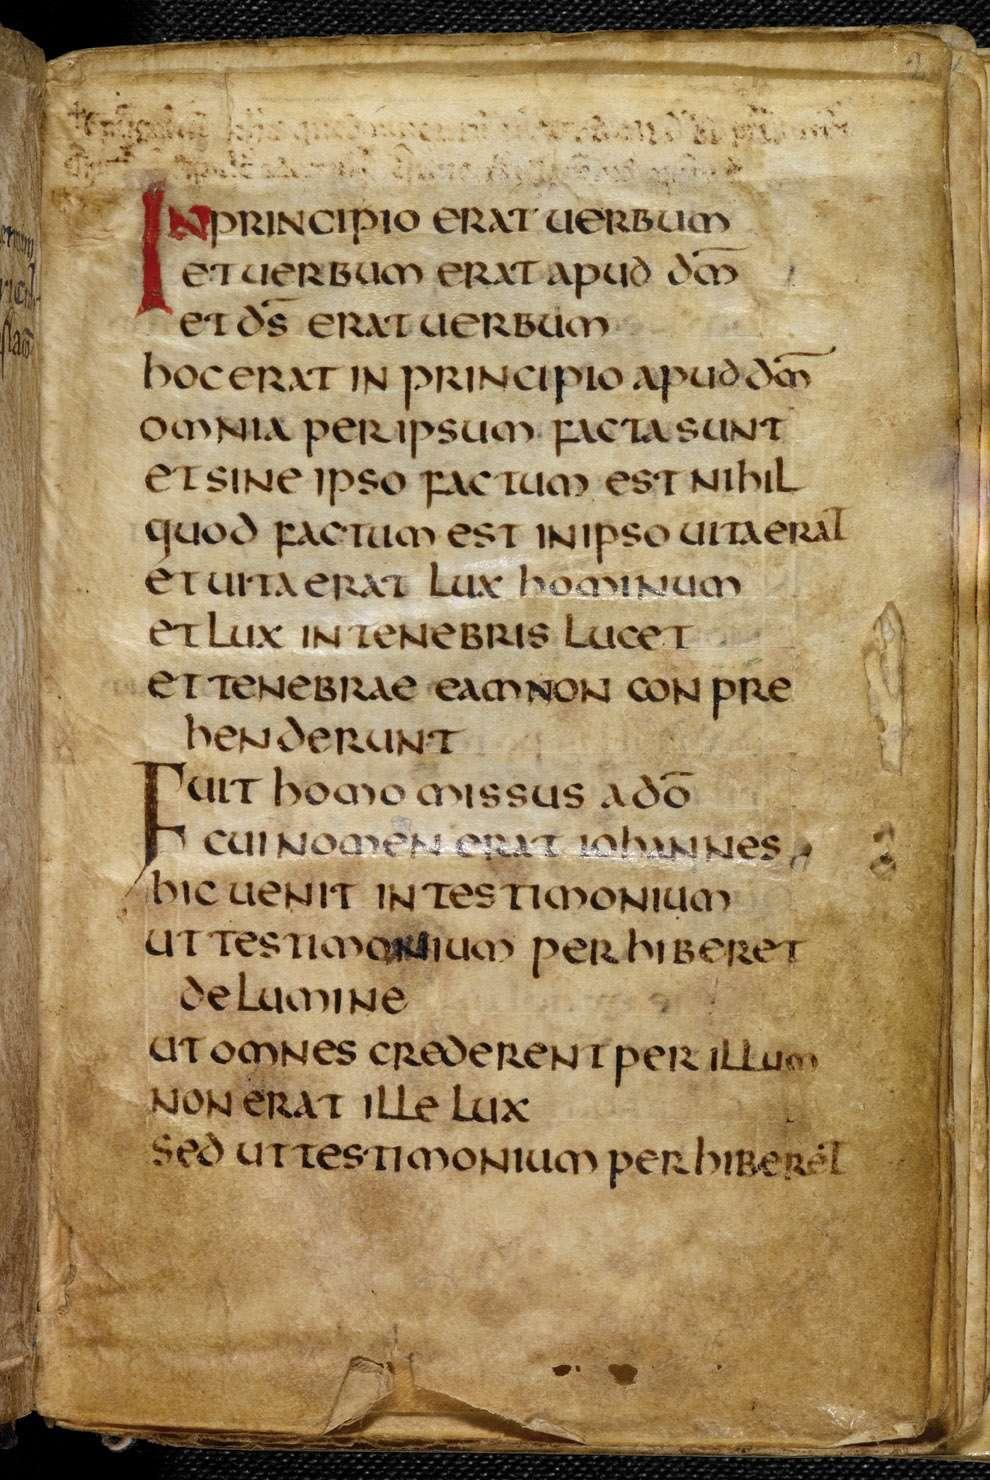 Apodado el Evangelio de San Cuthbert, el Evangelio de San Juan está escrito en latín en páginas unidas por tablas de abedul roscadas cubiertas de piel de cabra teñida de carmesí.